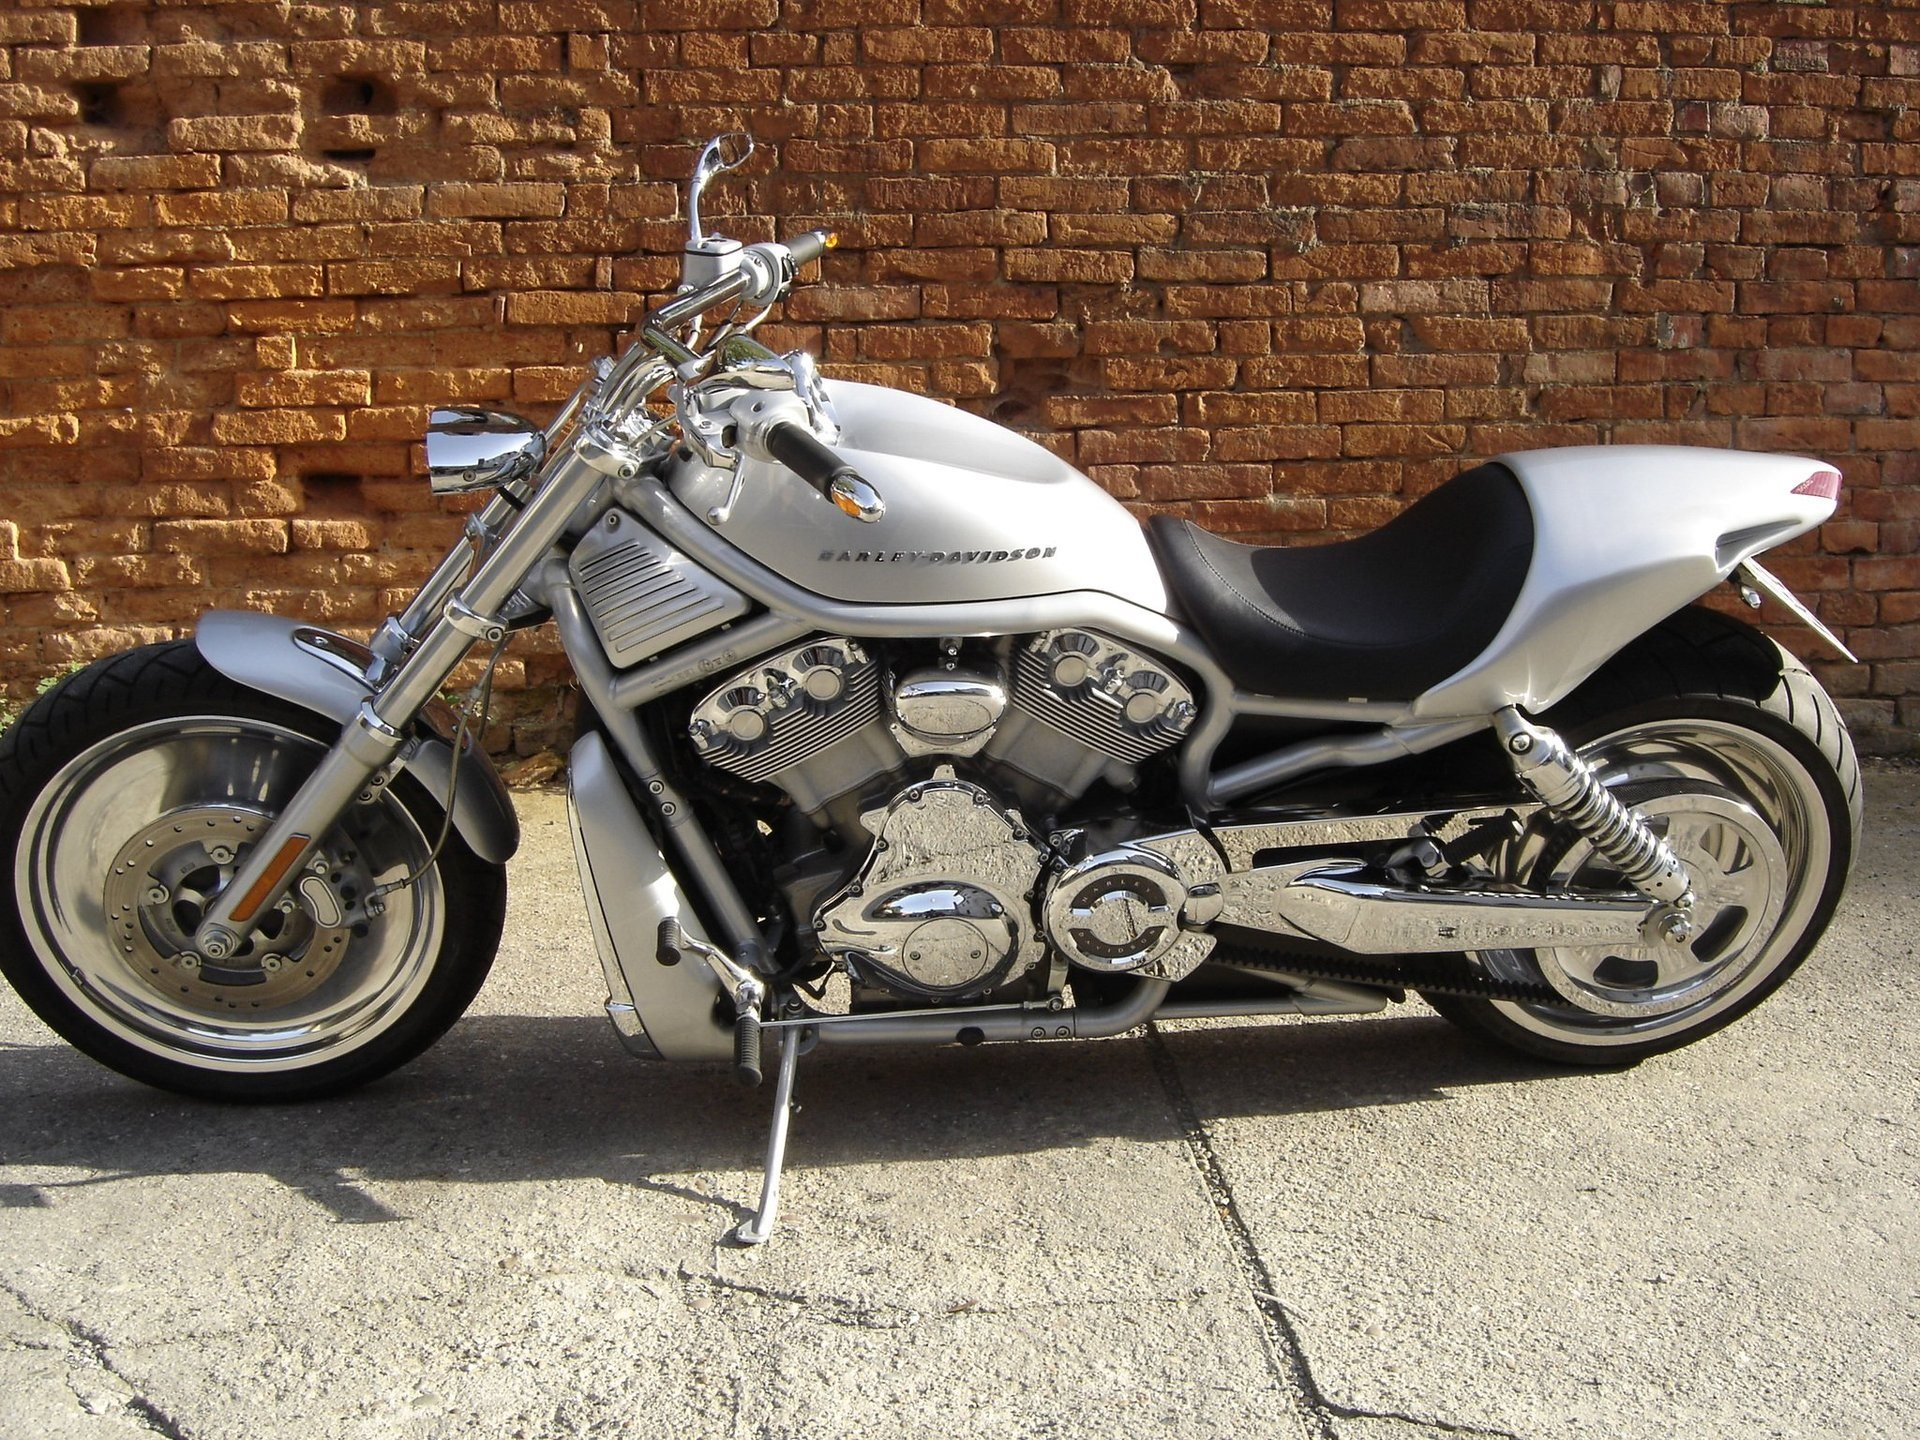 umbauten custom bikes wild east motorcycles inh dirk. Black Bedroom Furniture Sets. Home Design Ideas